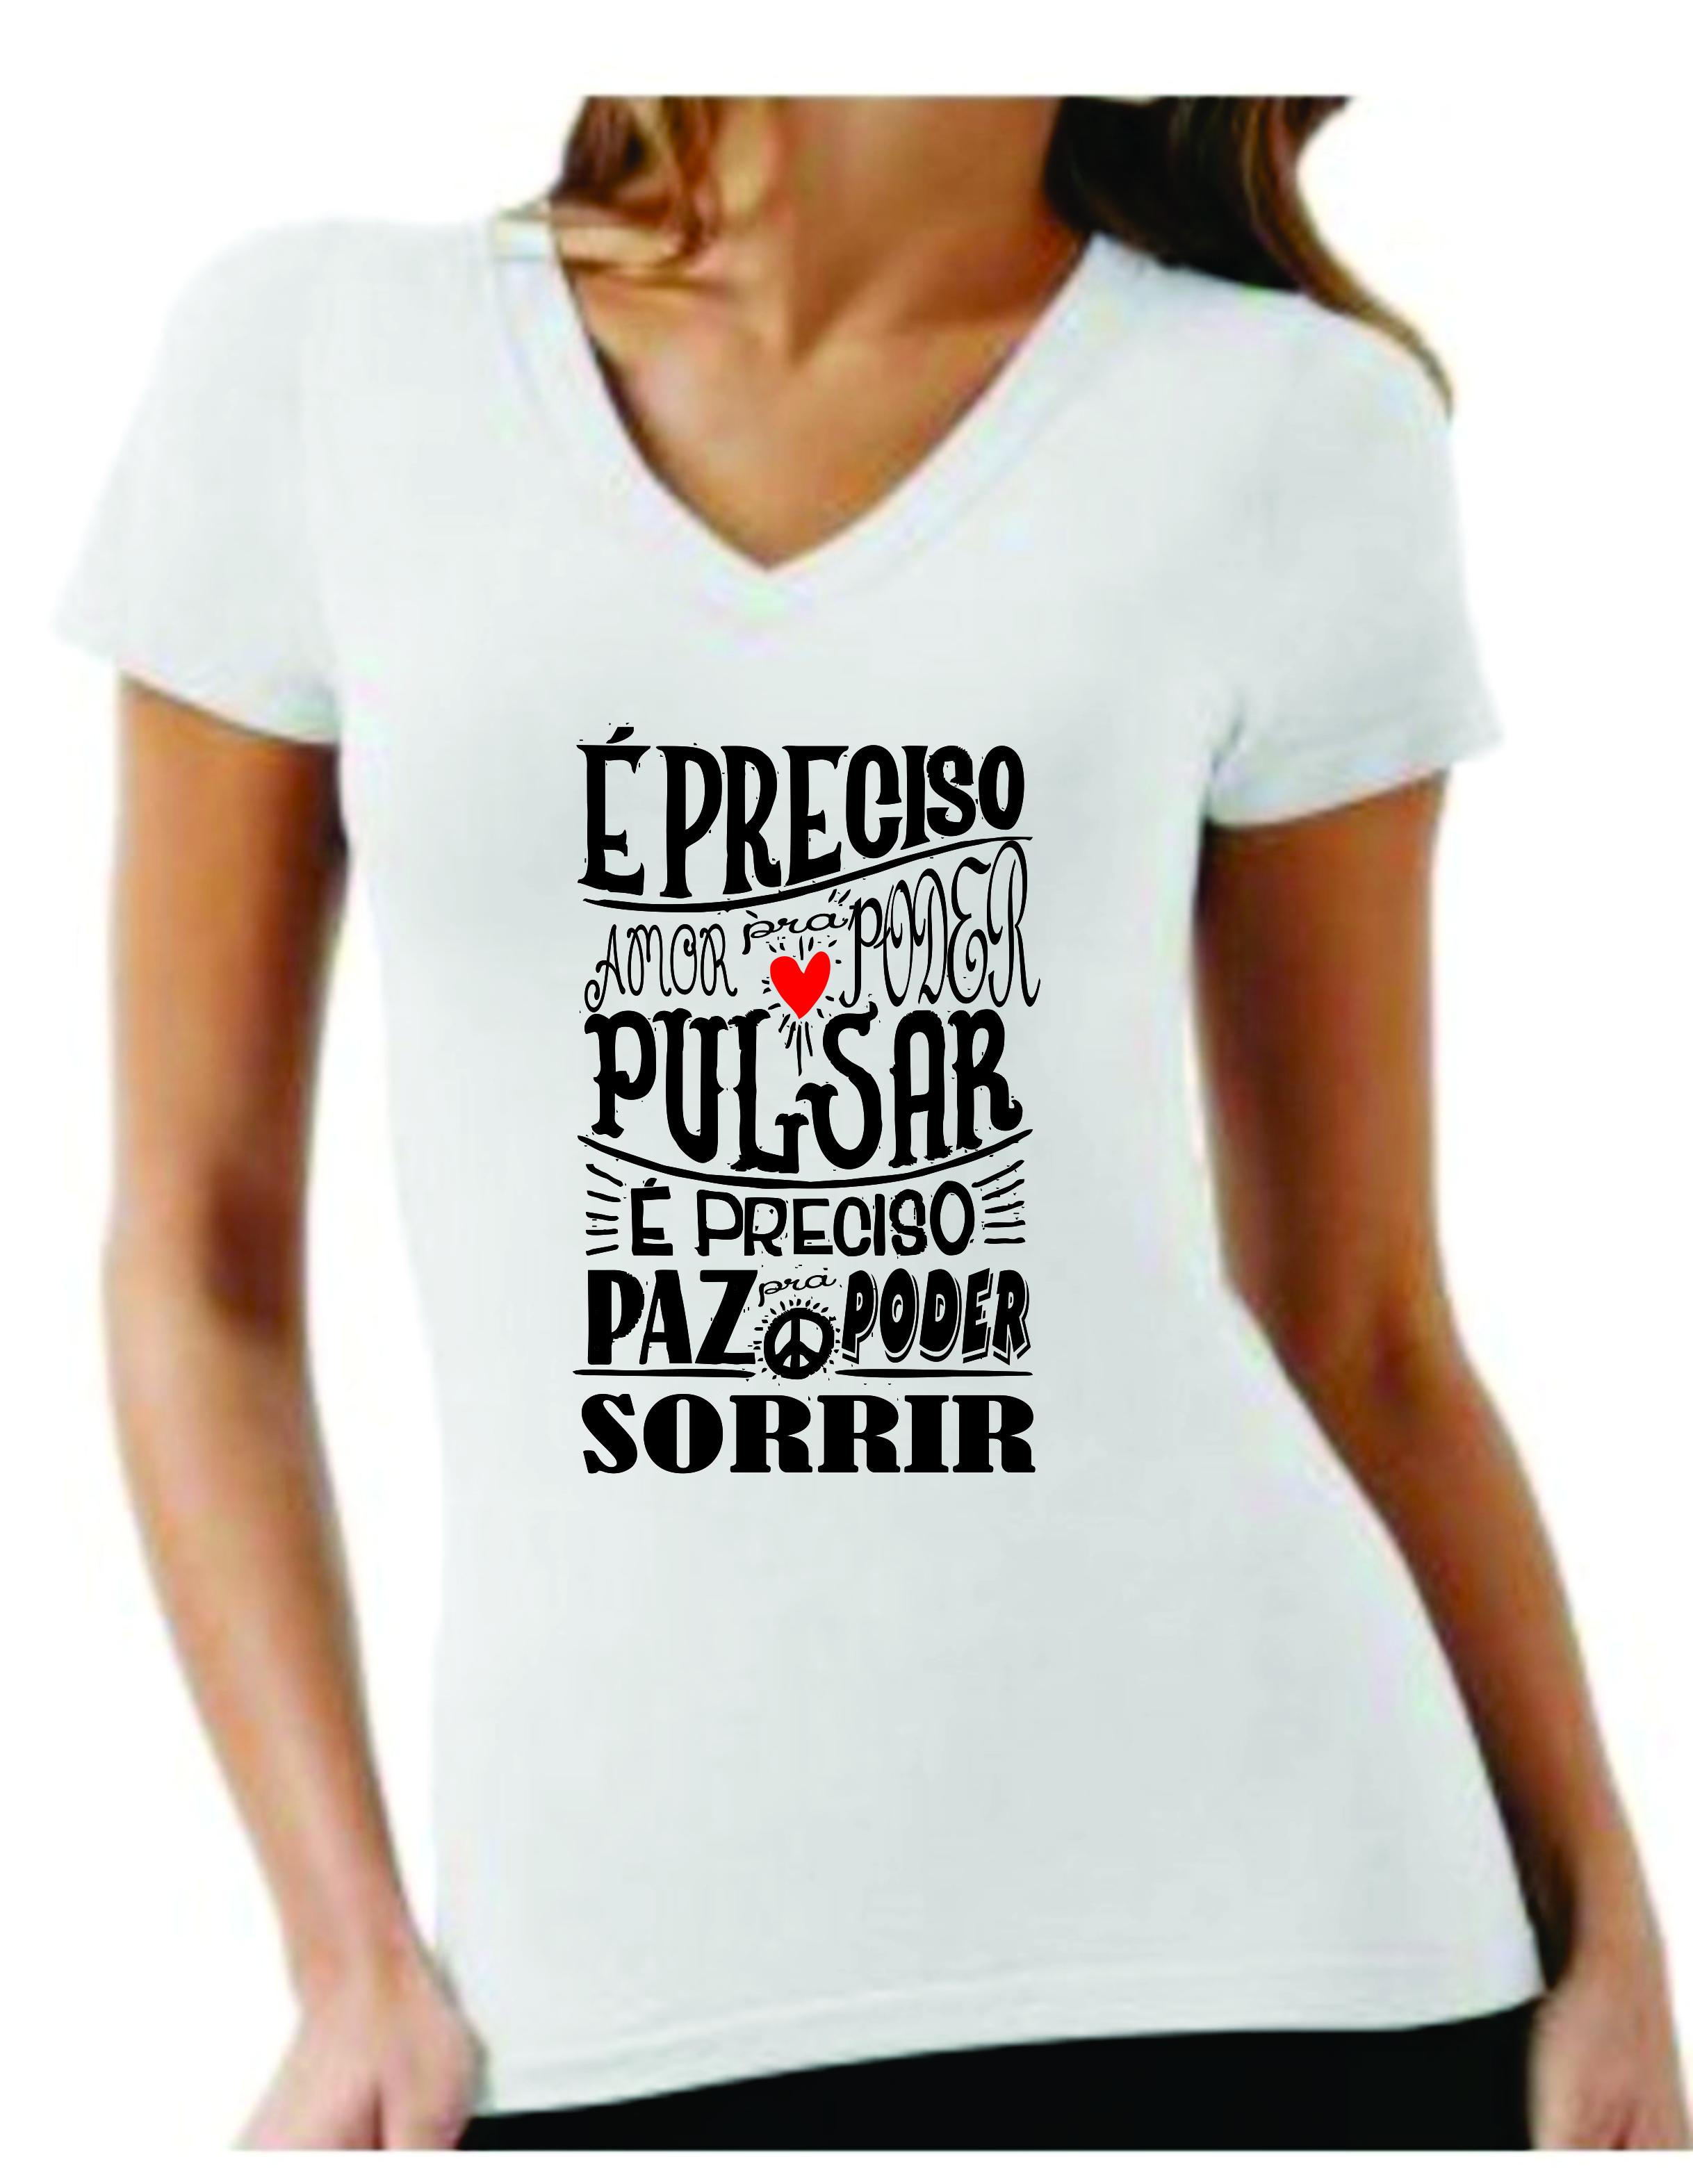 0db113446 Camiseta personalizada com frases no Elo7